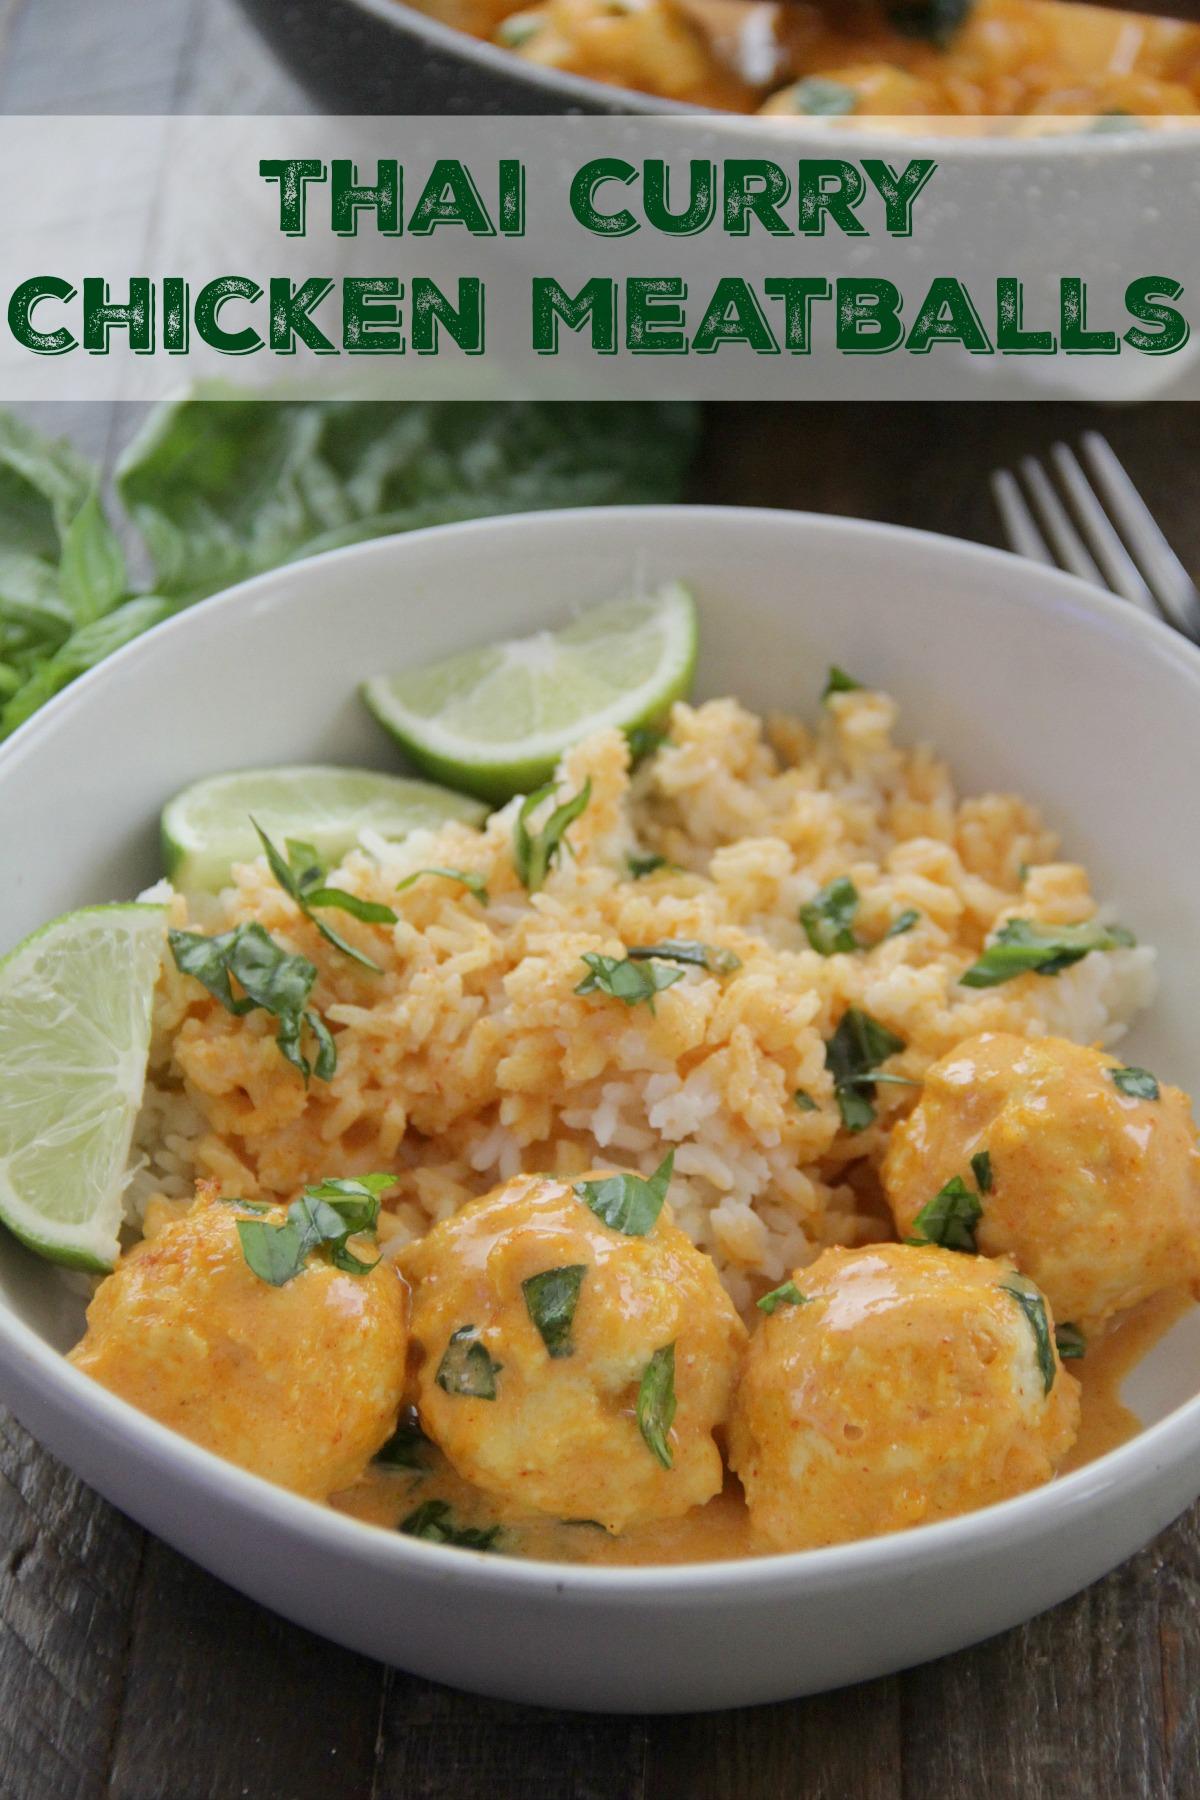 Thai Curry Chicken Meatballs